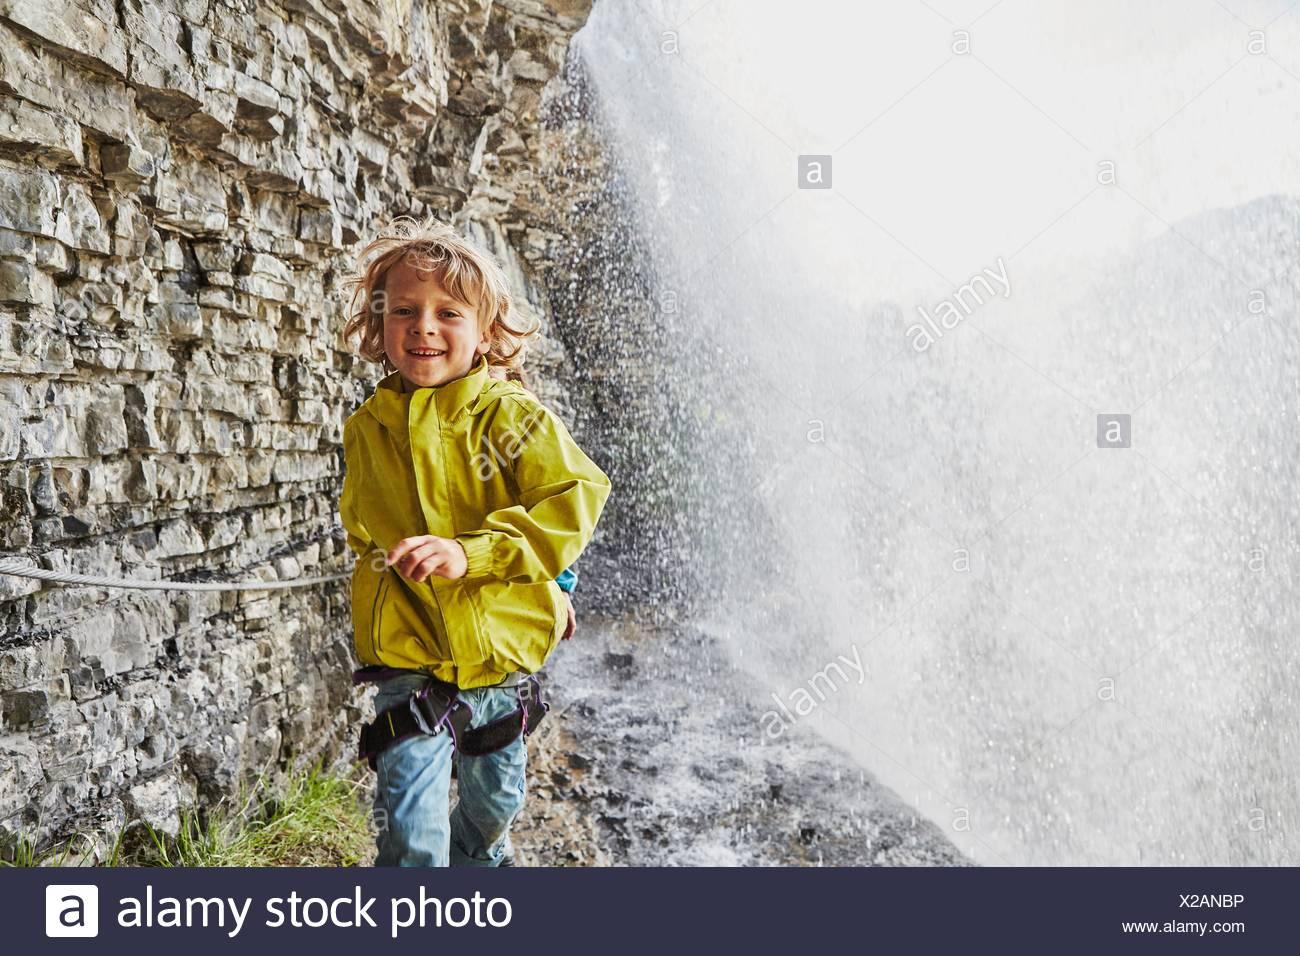 Jeune garçon marcher sous une cascade, smiling Photo Stock